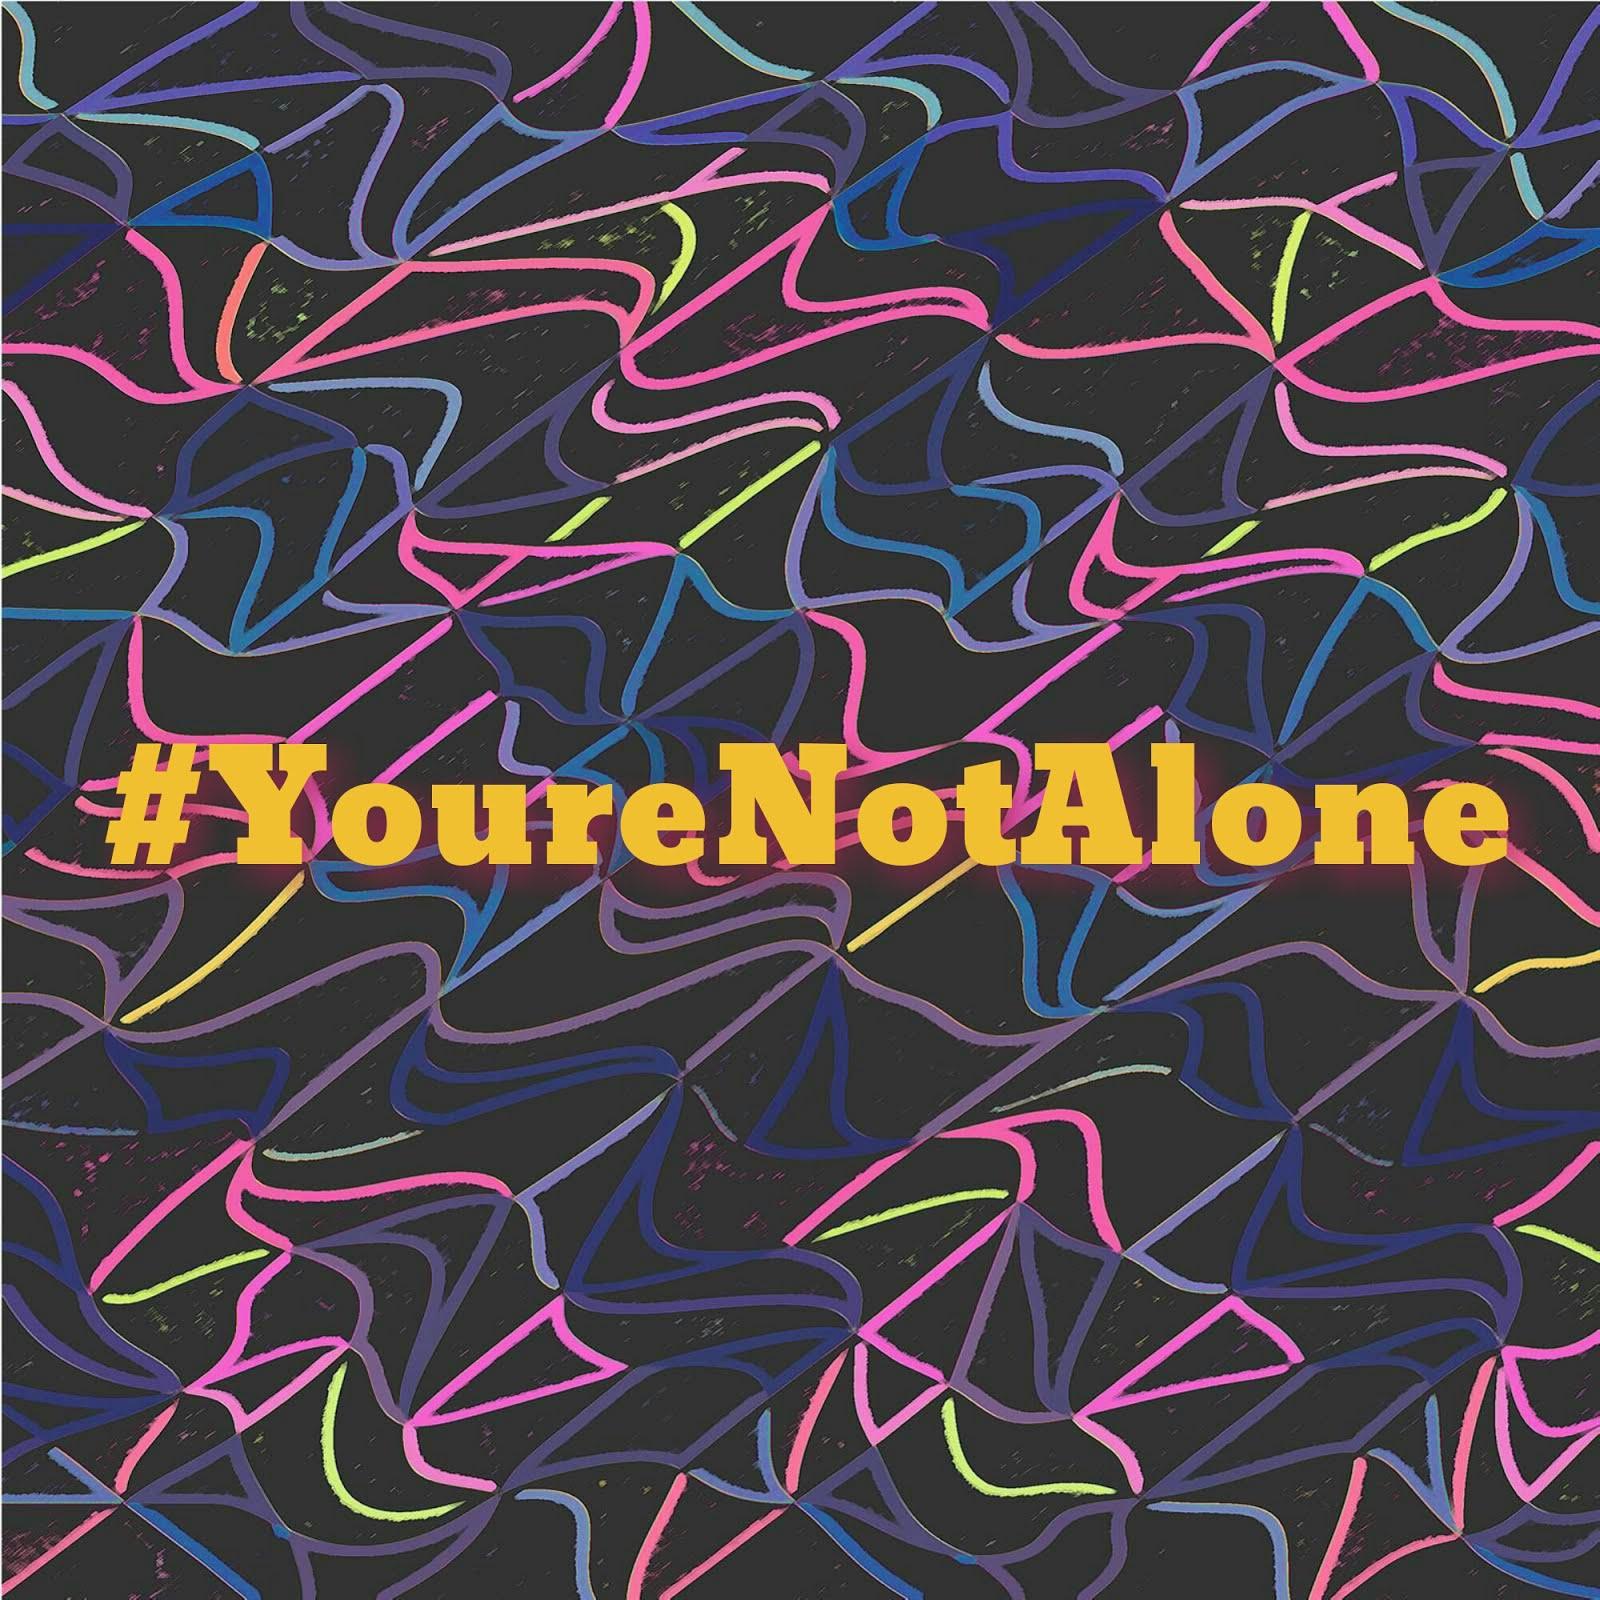 #YoureNotAlone